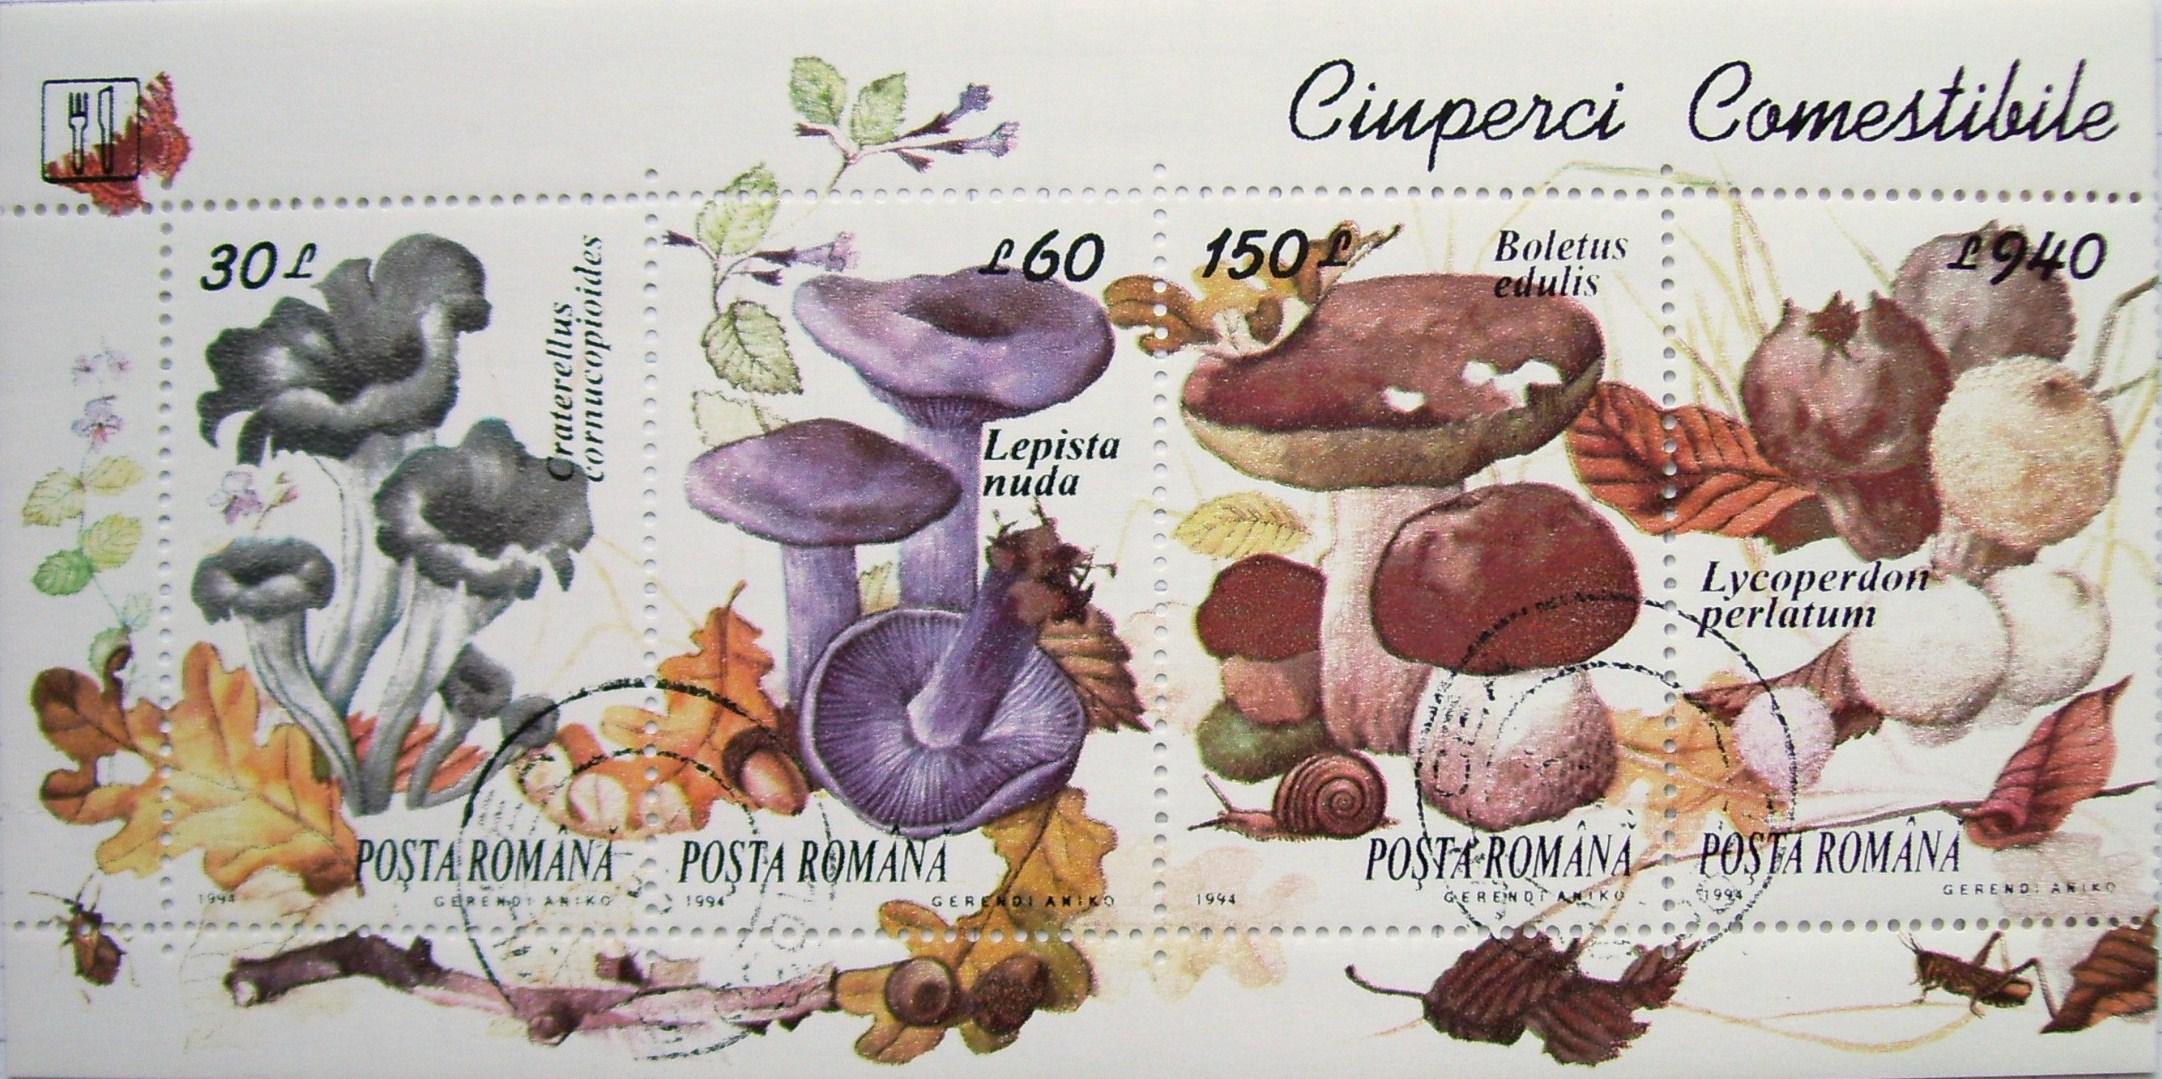 Ciuperci comestibile - Wikipedia